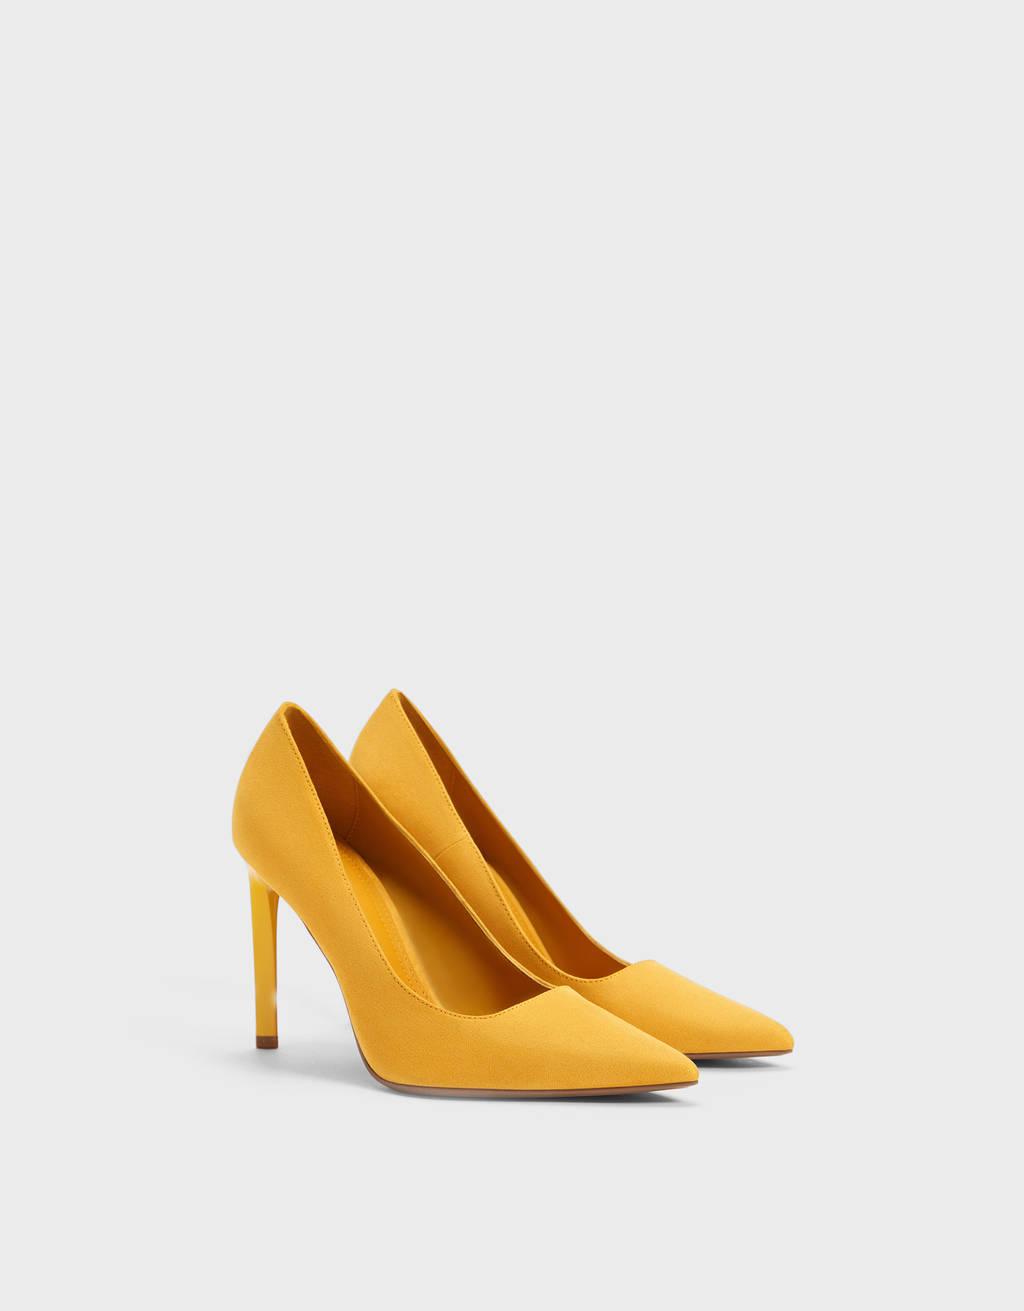 Sapato tacão fino